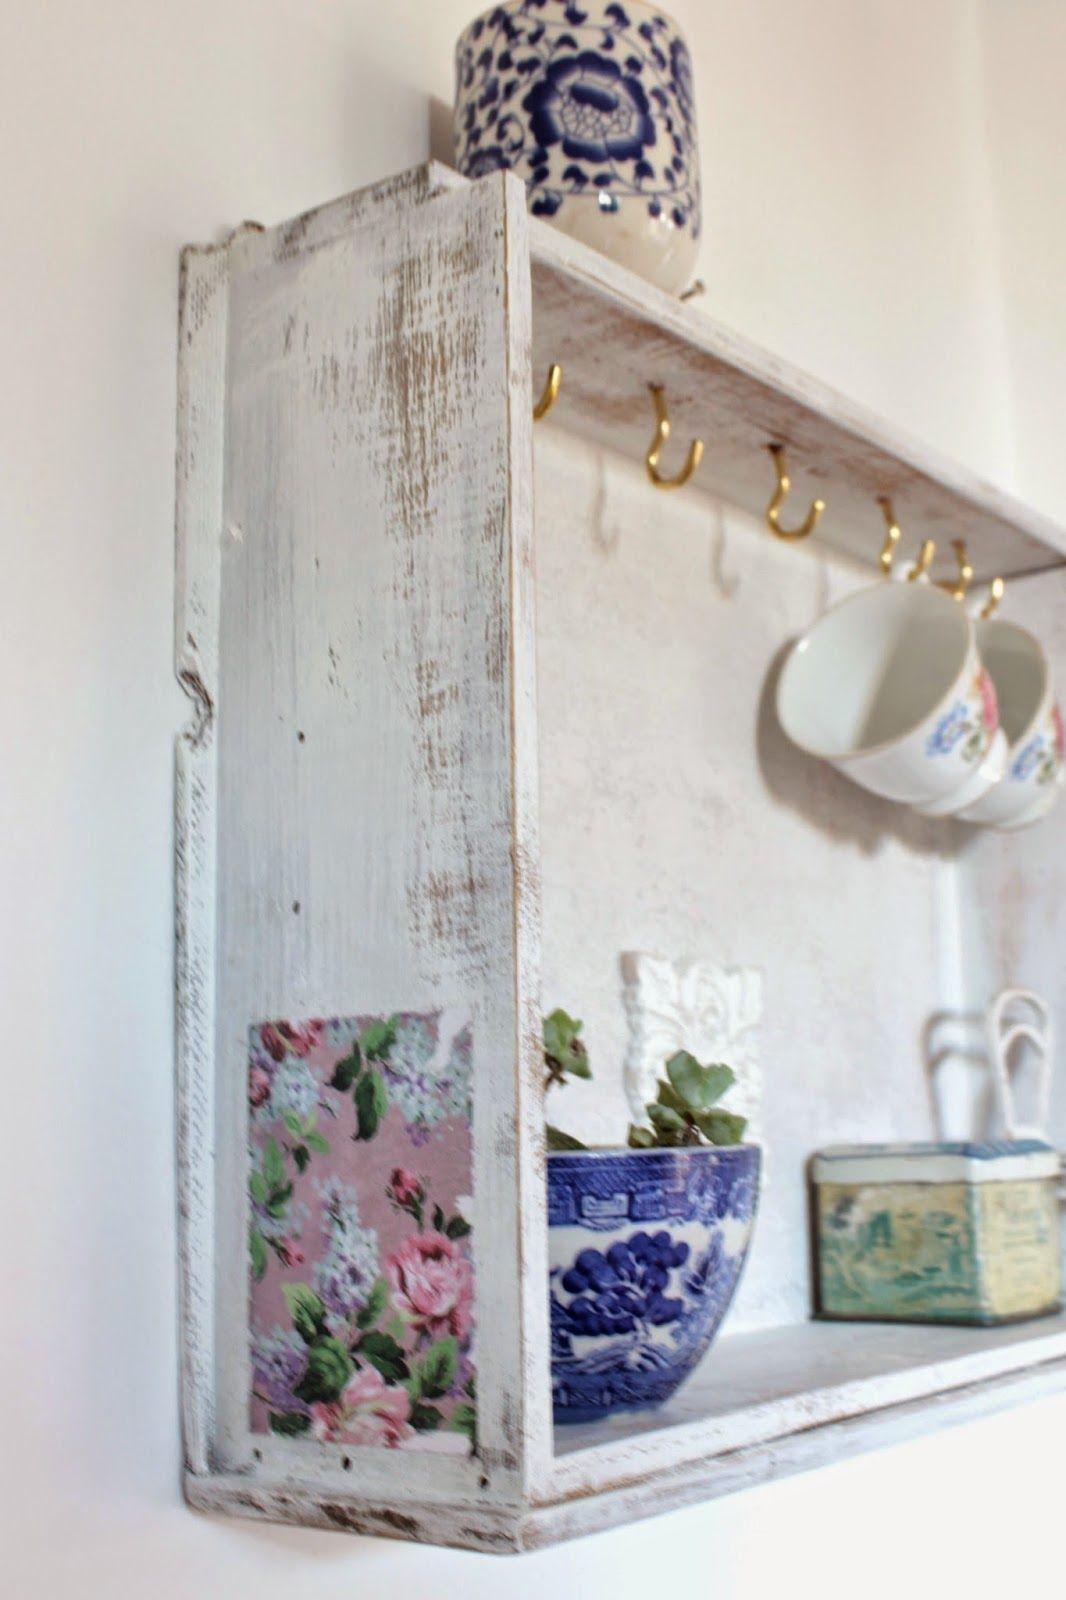 Pin de Mari ángeles en Reciclado | Pinterest | Cajas, Reciclado y ...